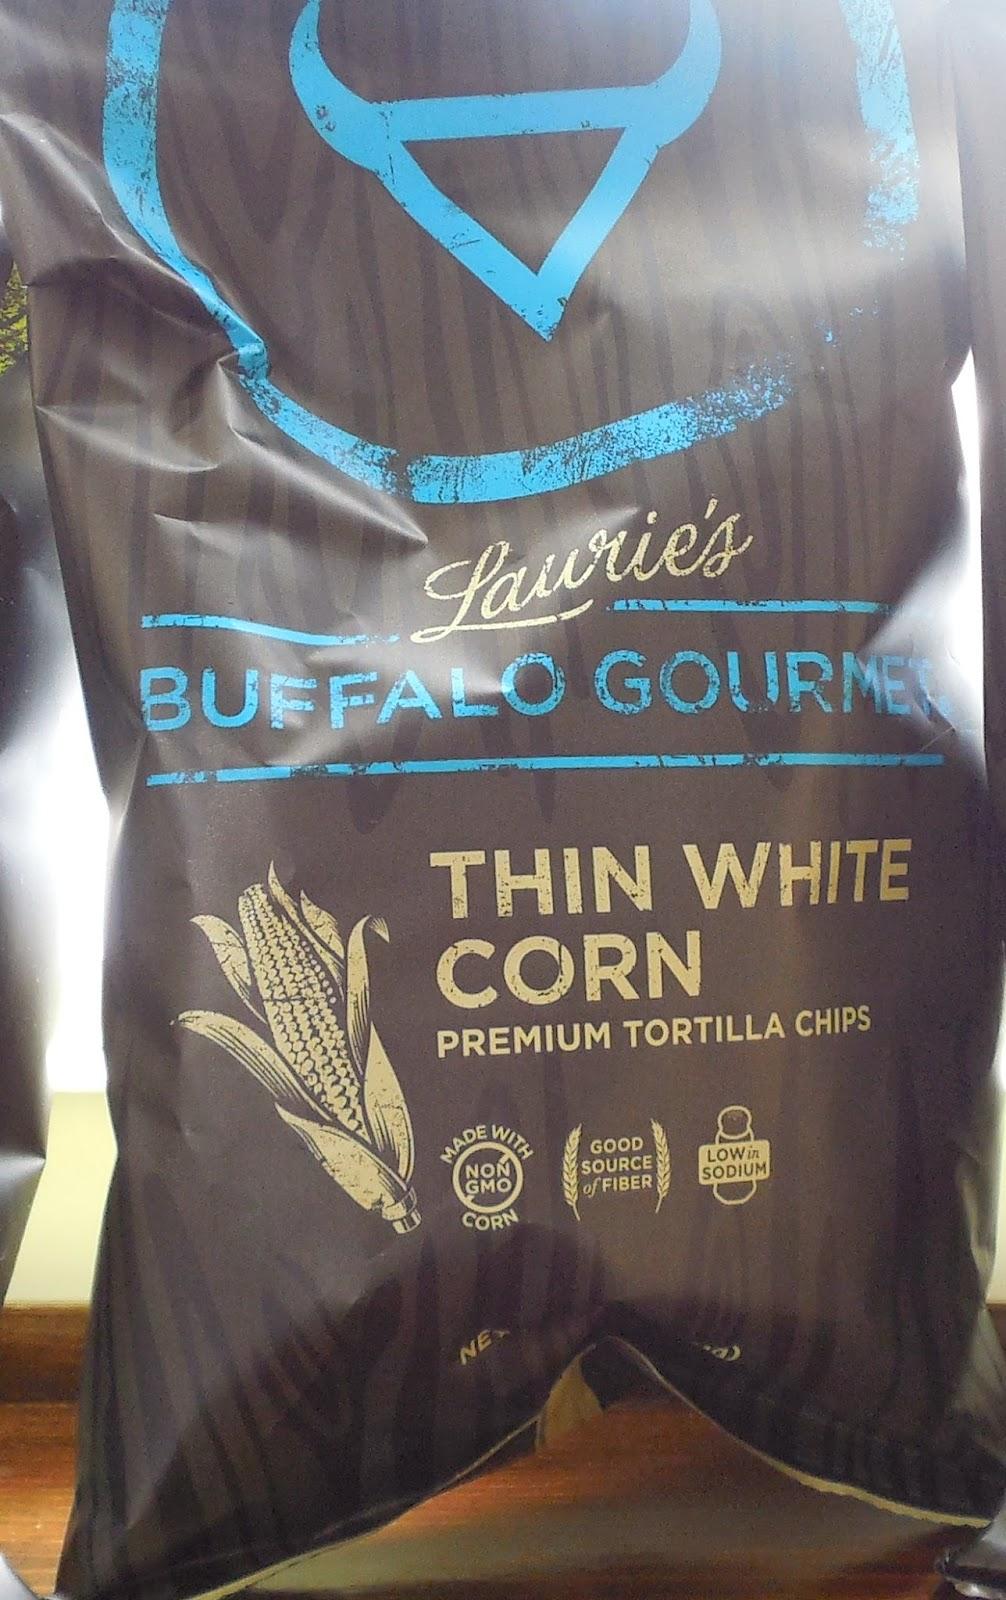 Buffalo Gourmet Thin Corn Chips